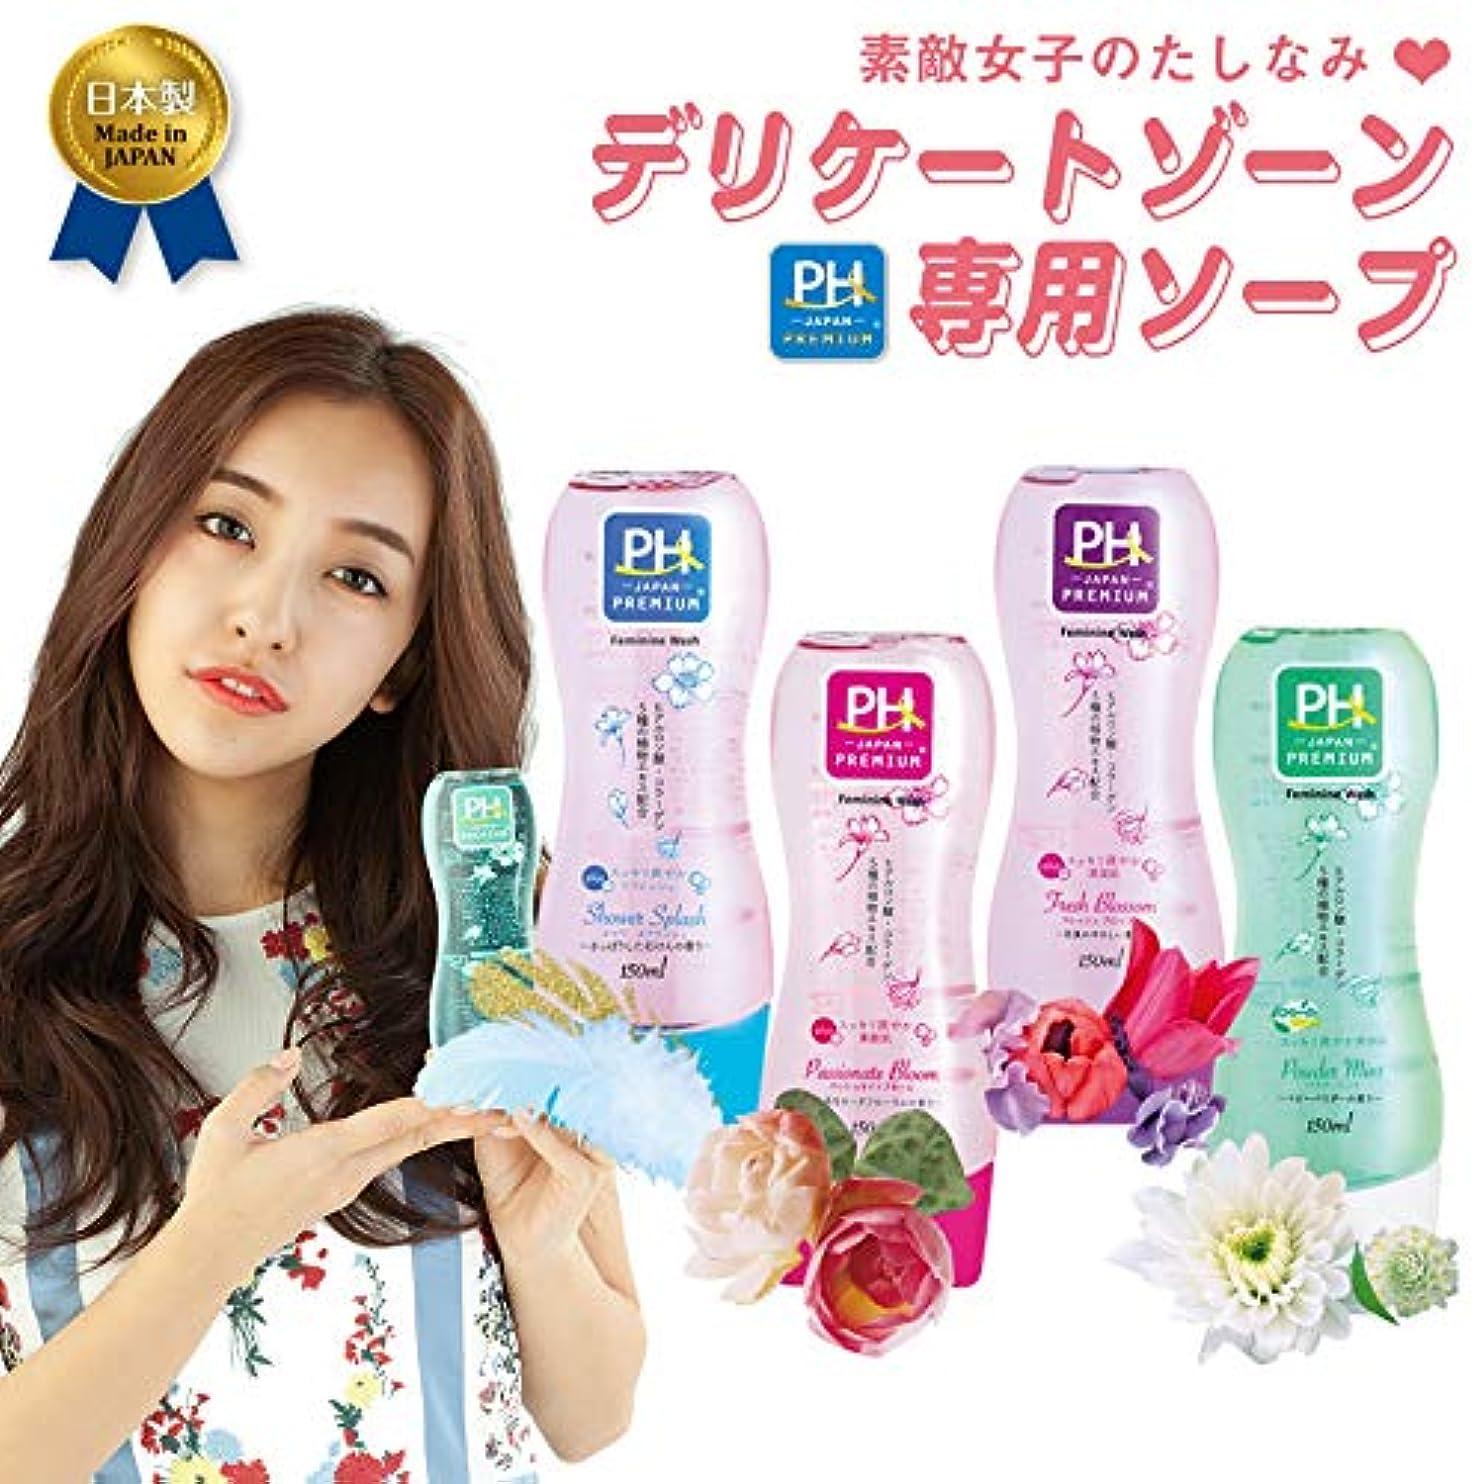 うれしいトランクライブラリ傾向があるフレッシュブロッソム2本セット PH JAPAN フェミニンウォッシュ 花束のやさしい香り